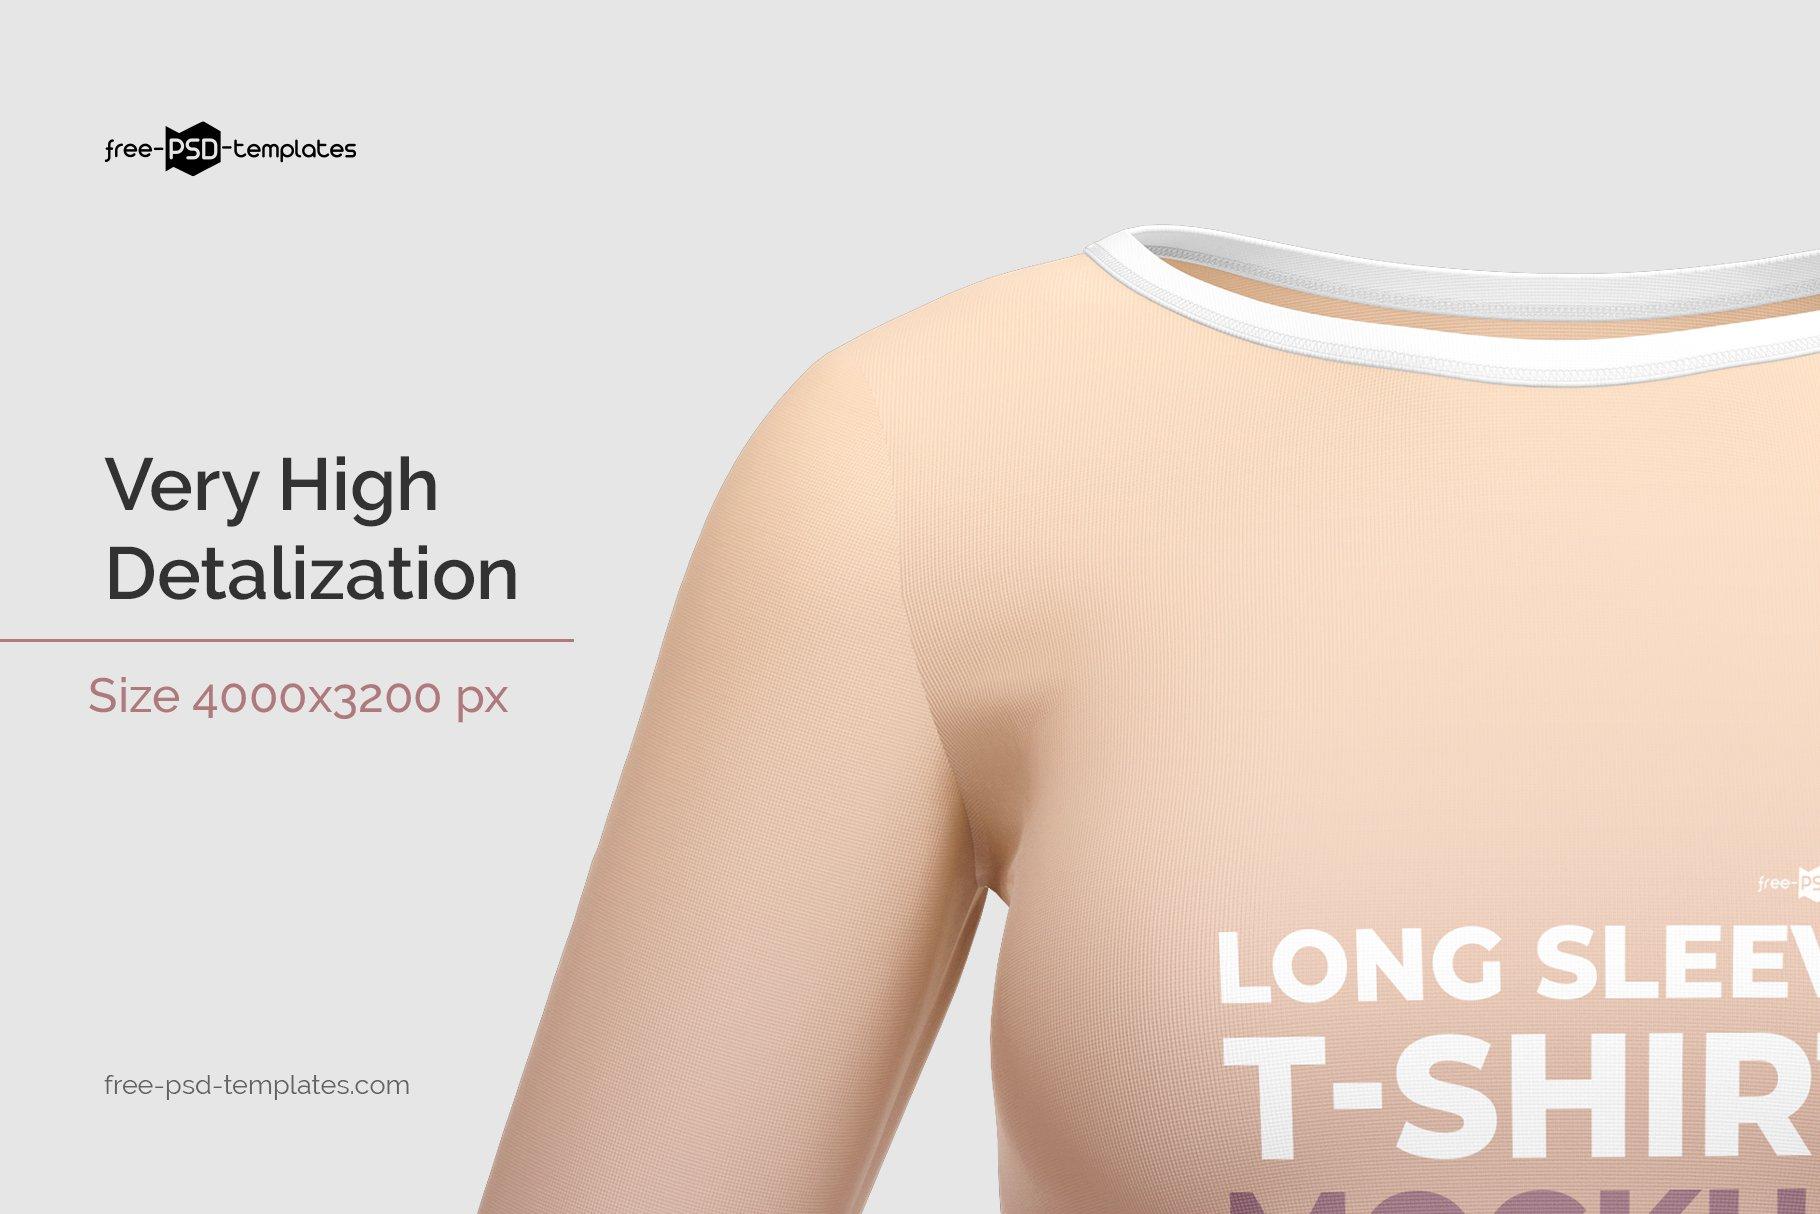 女士长袖圆领T恤设计展示贴图样机模板 Womens Long Sleeve T-Shirt插图2